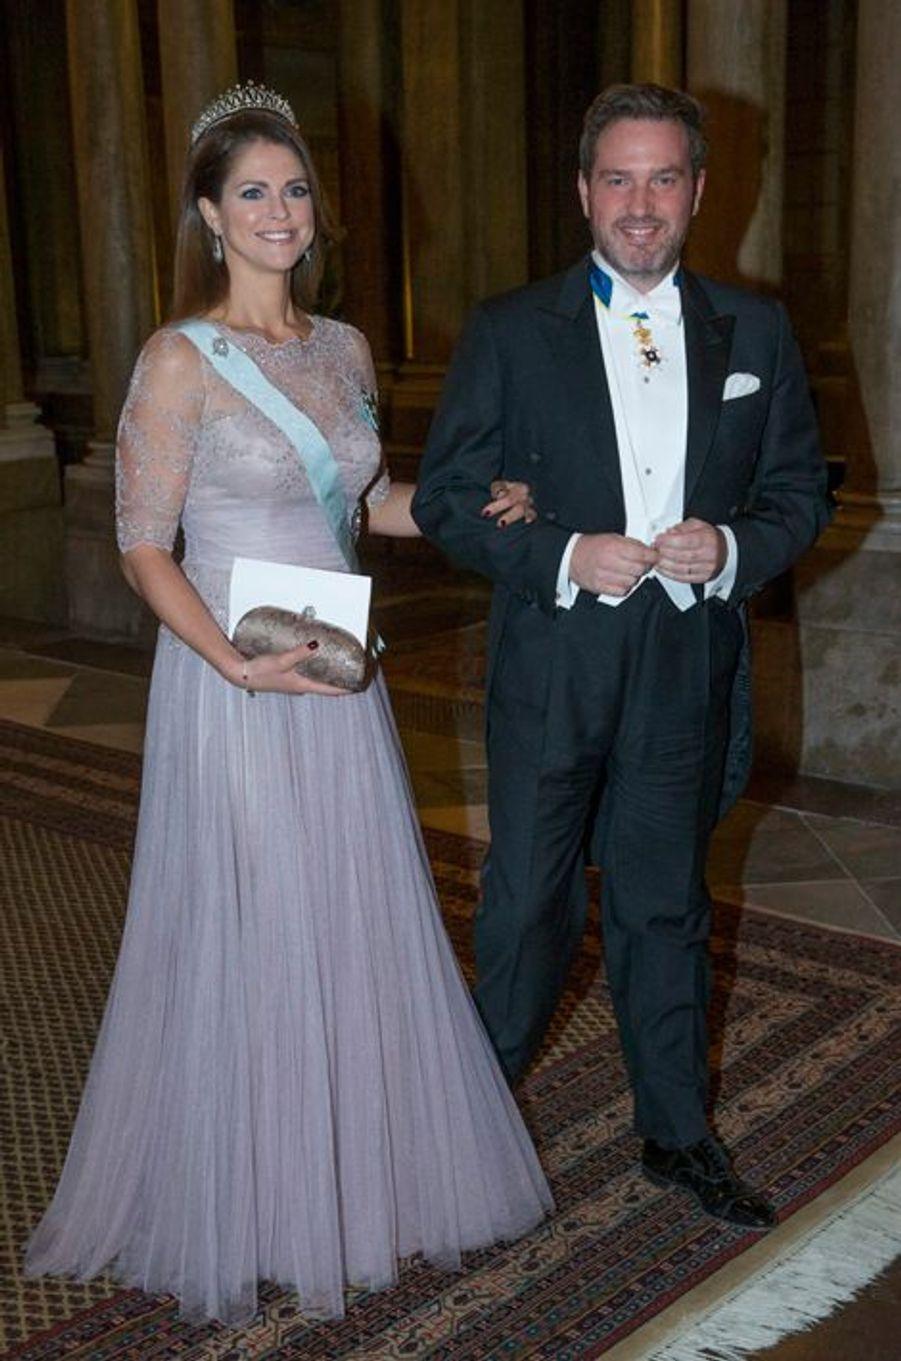 La princesse Madeleine de Suède et Christopher O'Neill, son mari, au palais royal à Stockholm, le 11 décembre 2014